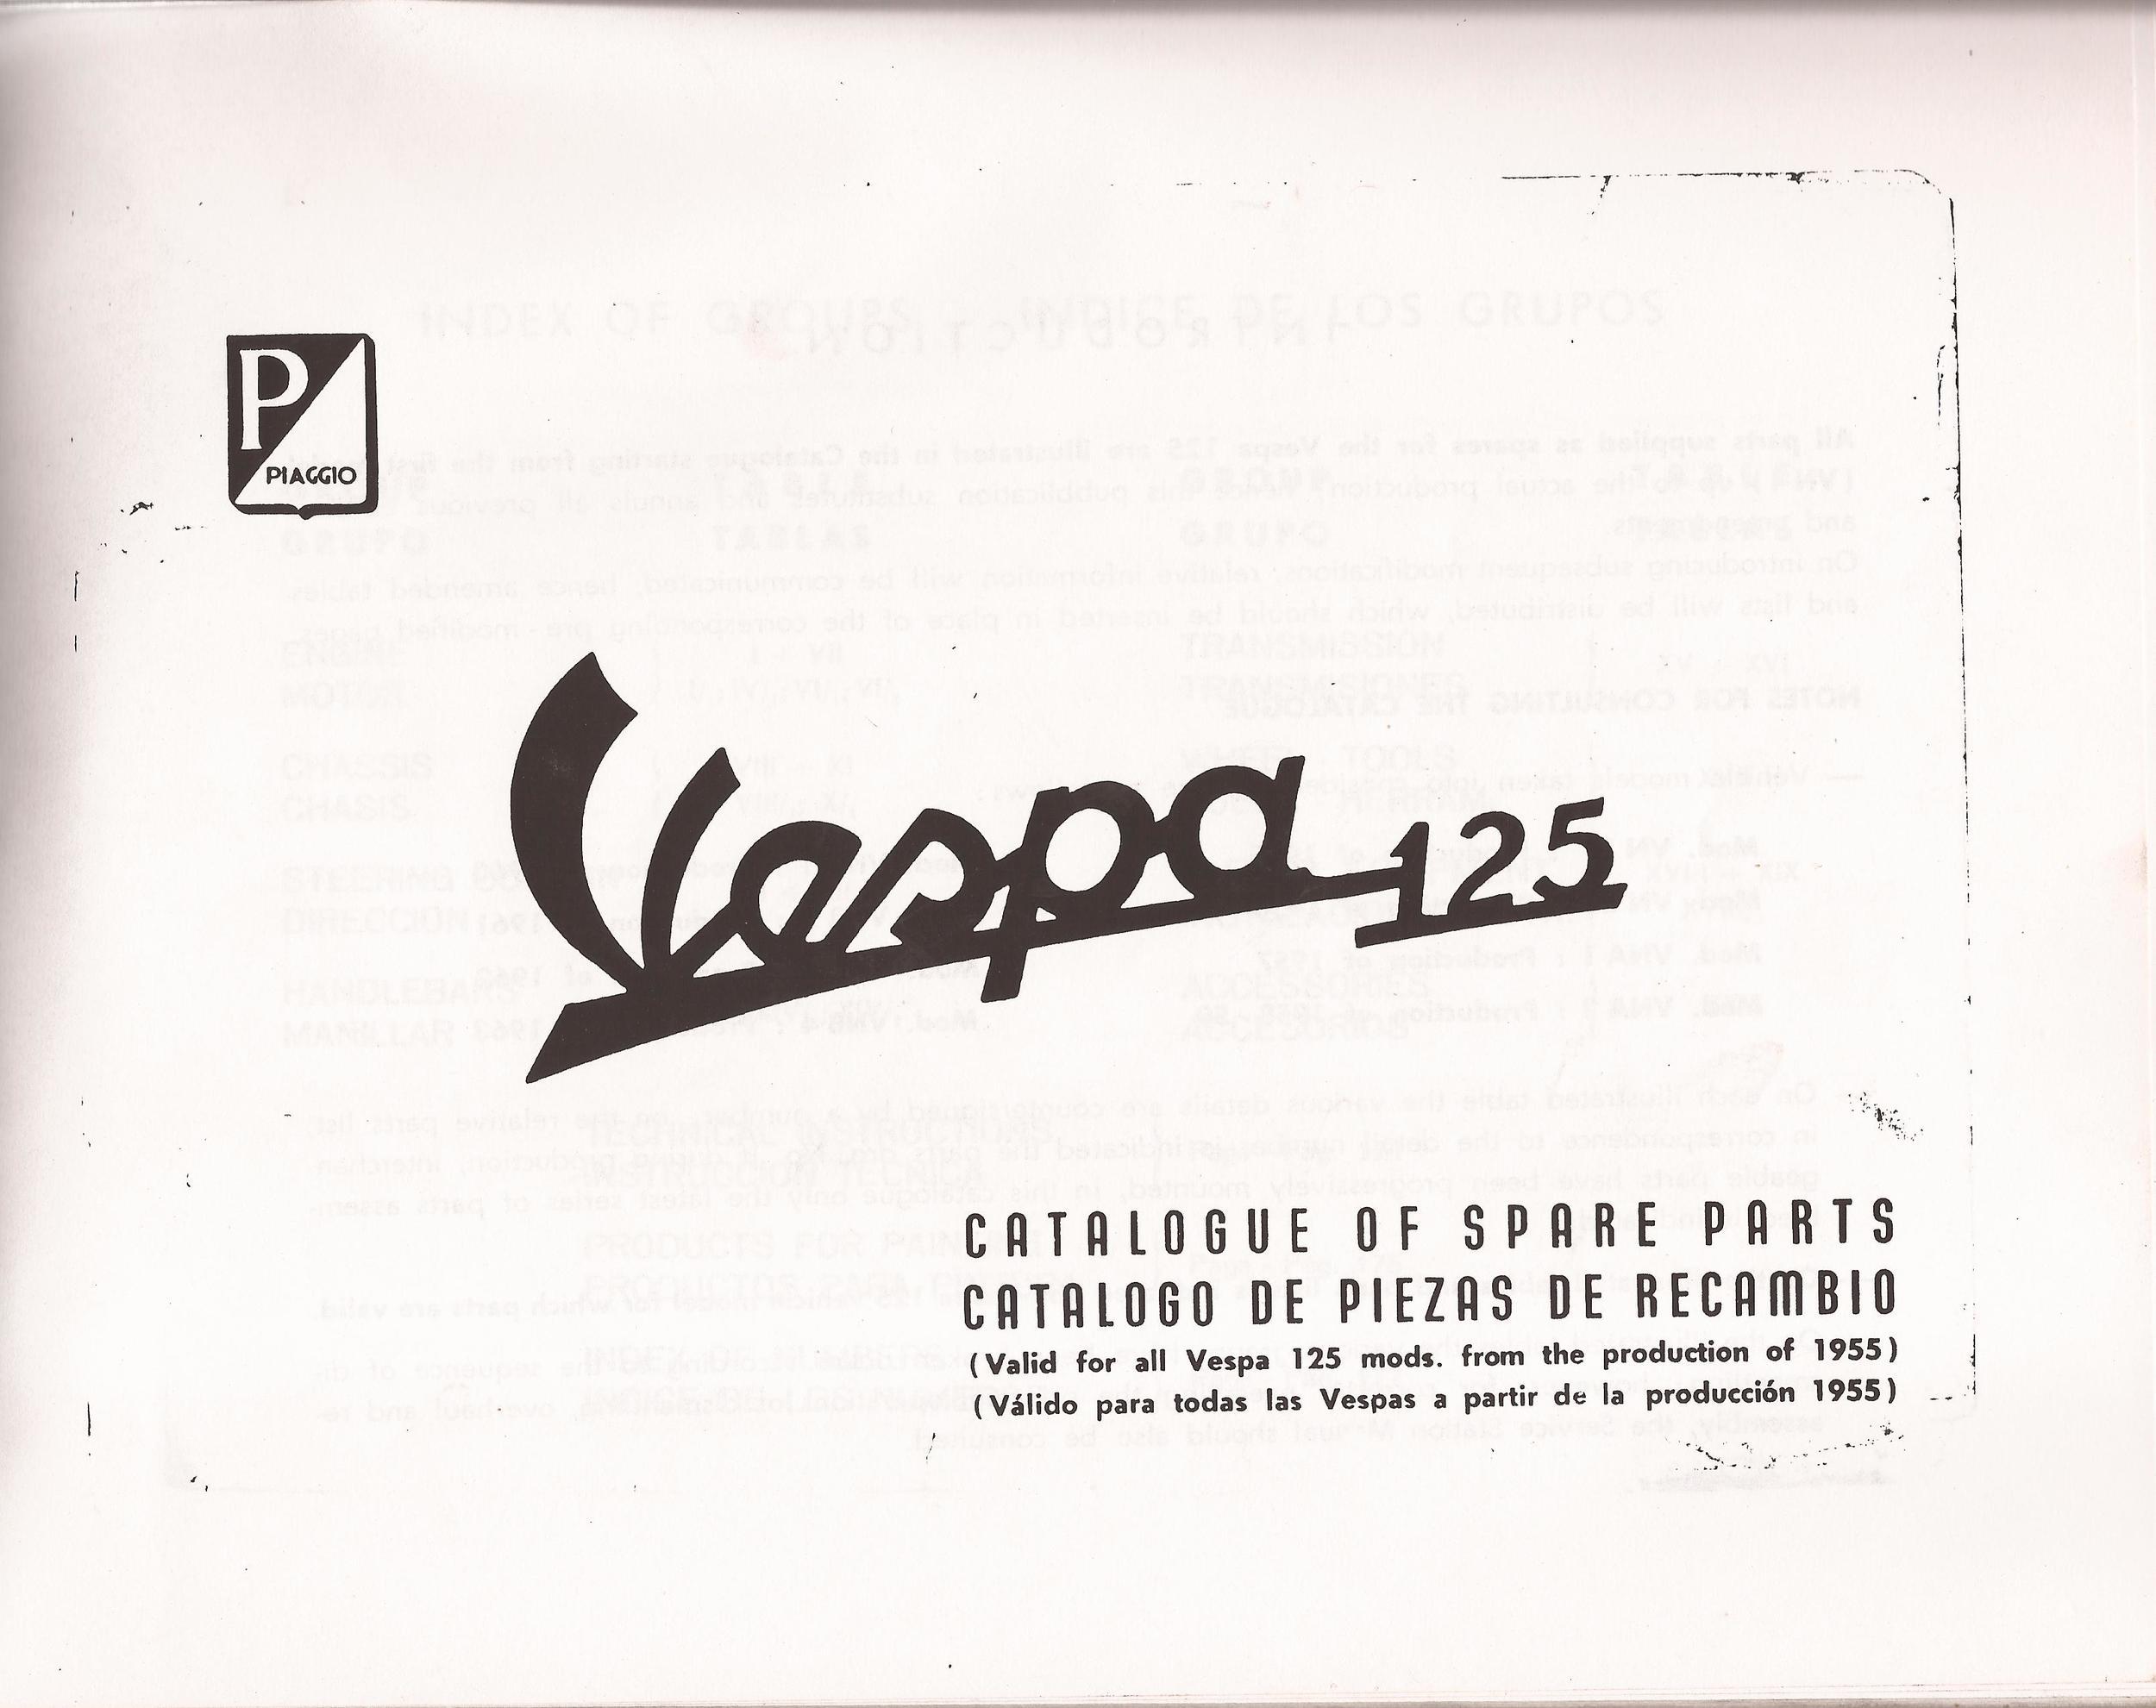 07-16-2013 vespa 125 catalog manuel 1.jpg